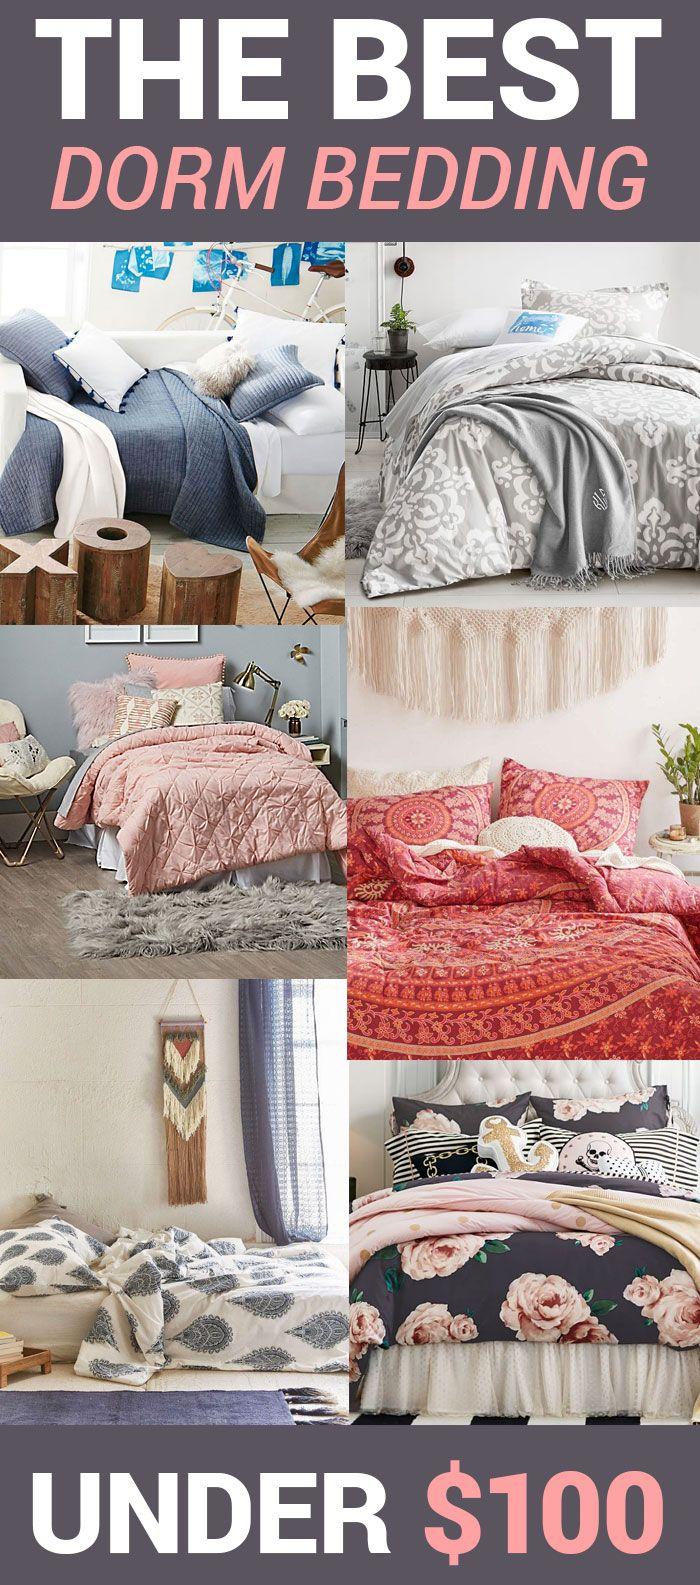 the best dorm bedding under 100